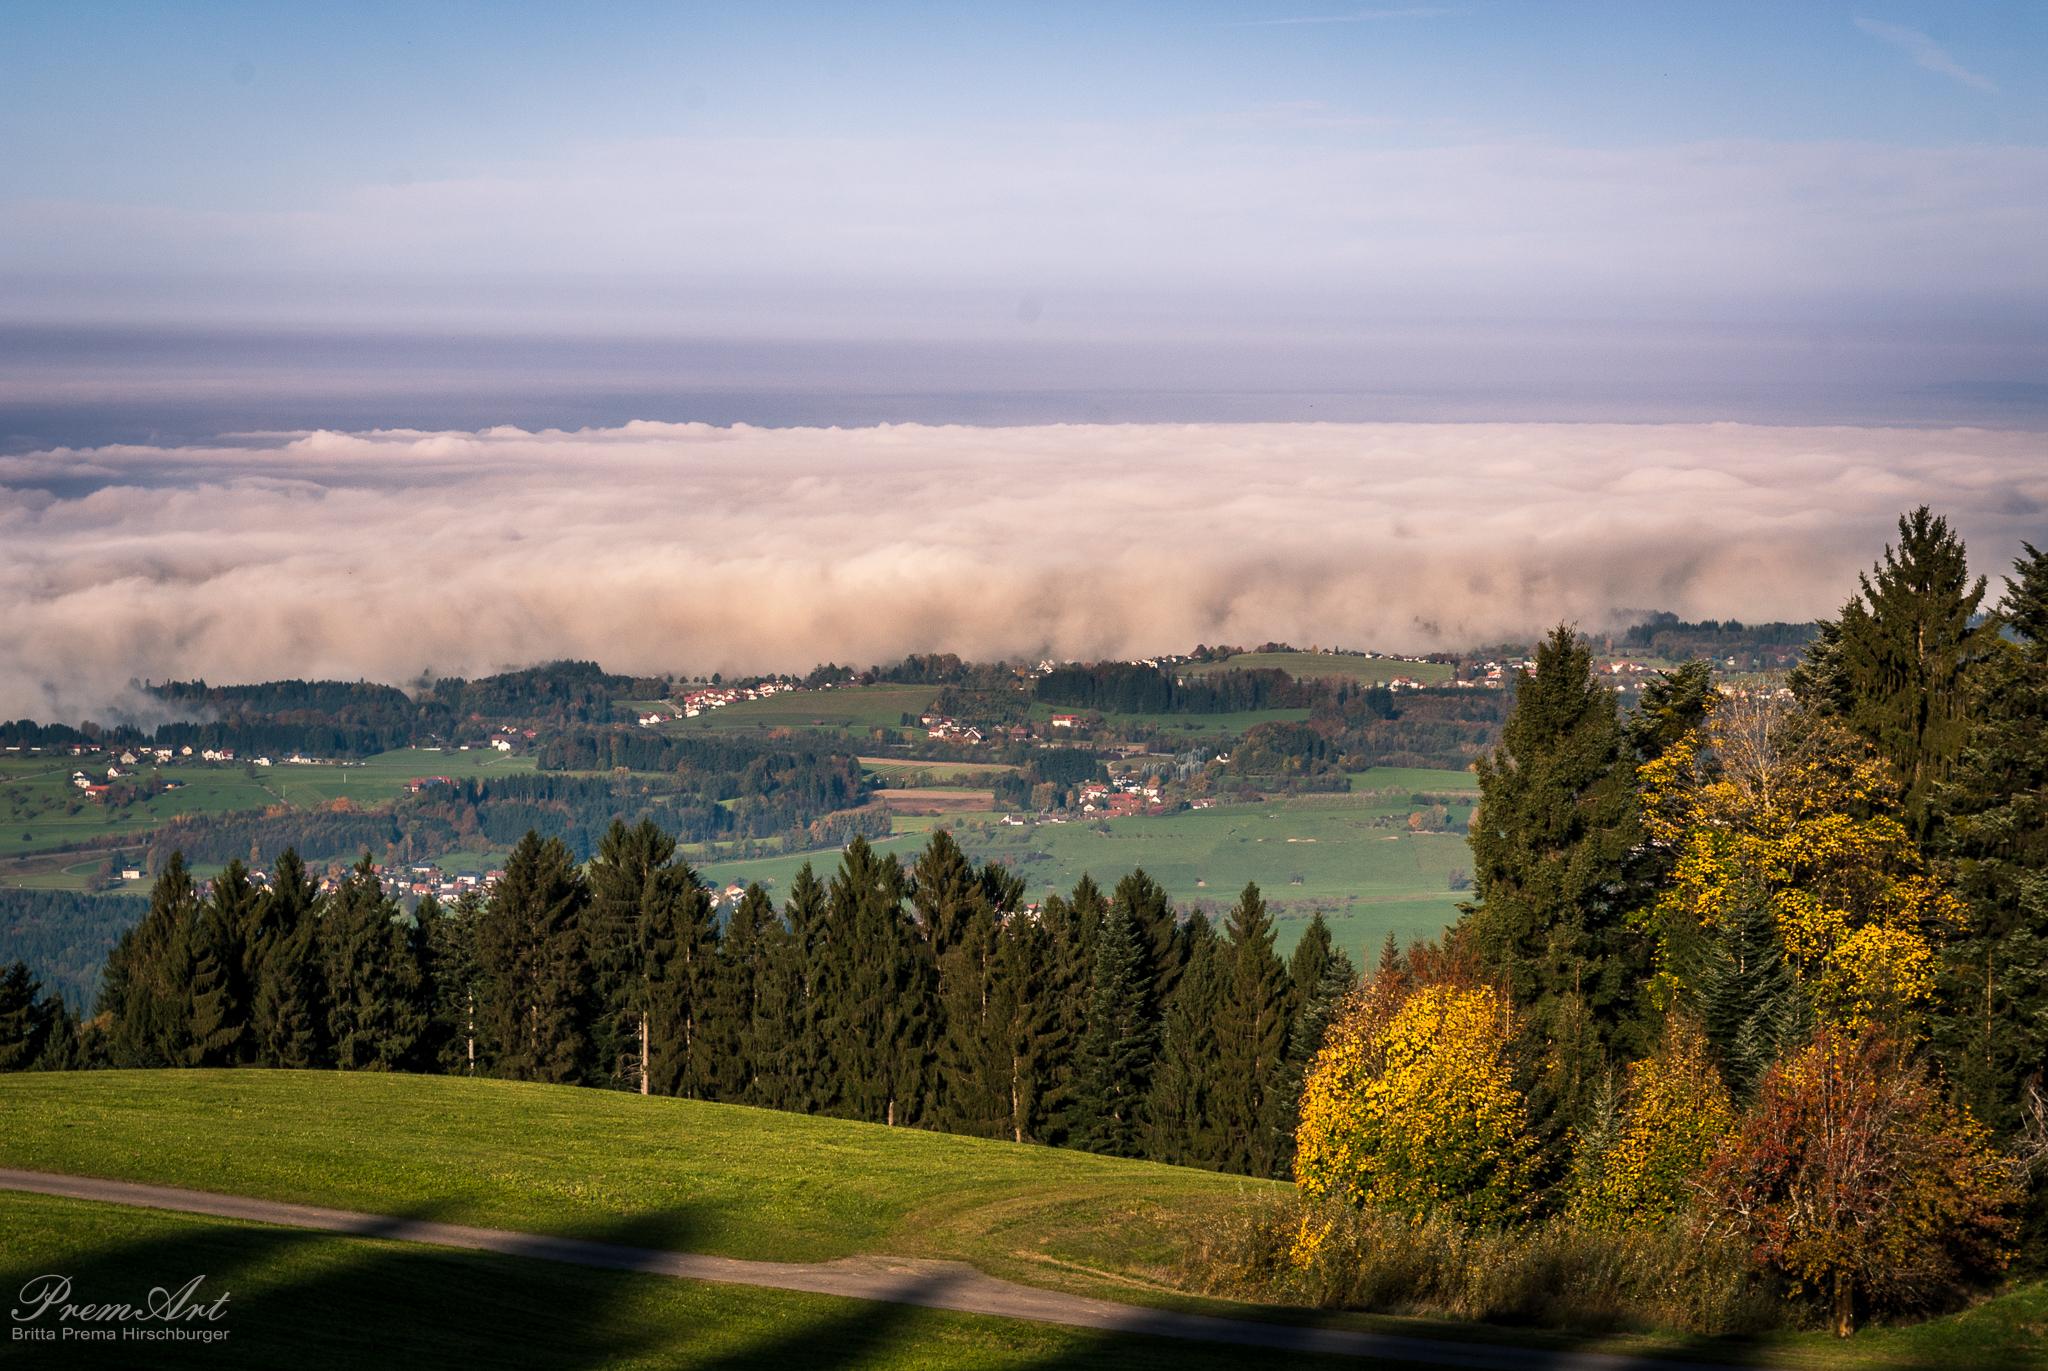 Nebel am Bodensee - Klarheit erlangen